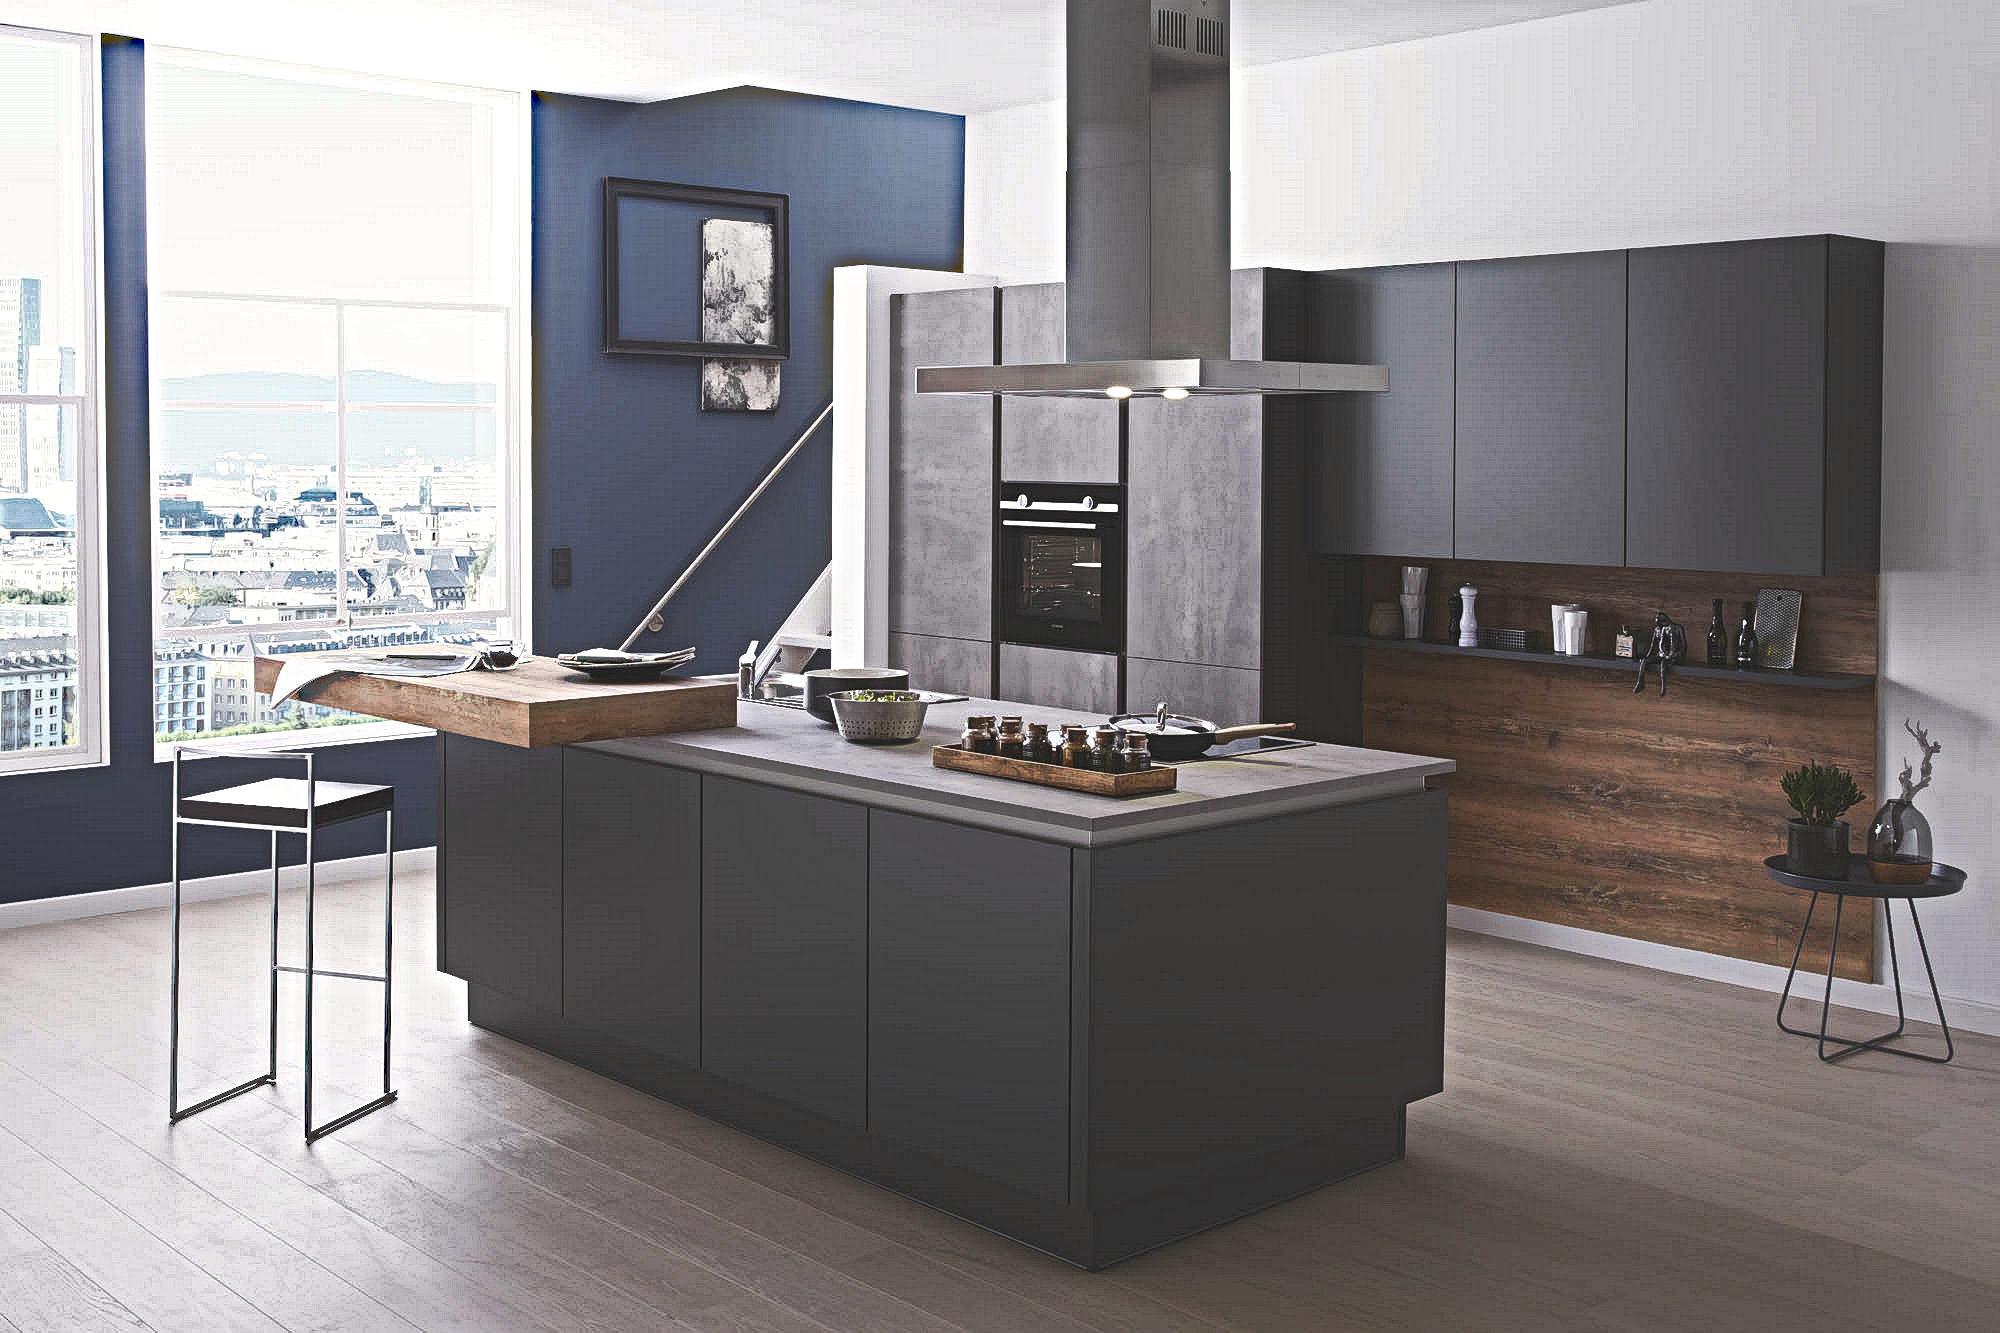 Full Size of Küche Mit Elektrogeräten Günstig Kaufen Küche Mit Elektrogeräten Billig Küche Mit Elektrogeräten Und Spülmaschine Küche Mit Elektrogeräten Ohne Kühlschrank Küche Eckküche Mit Elektrogeräten